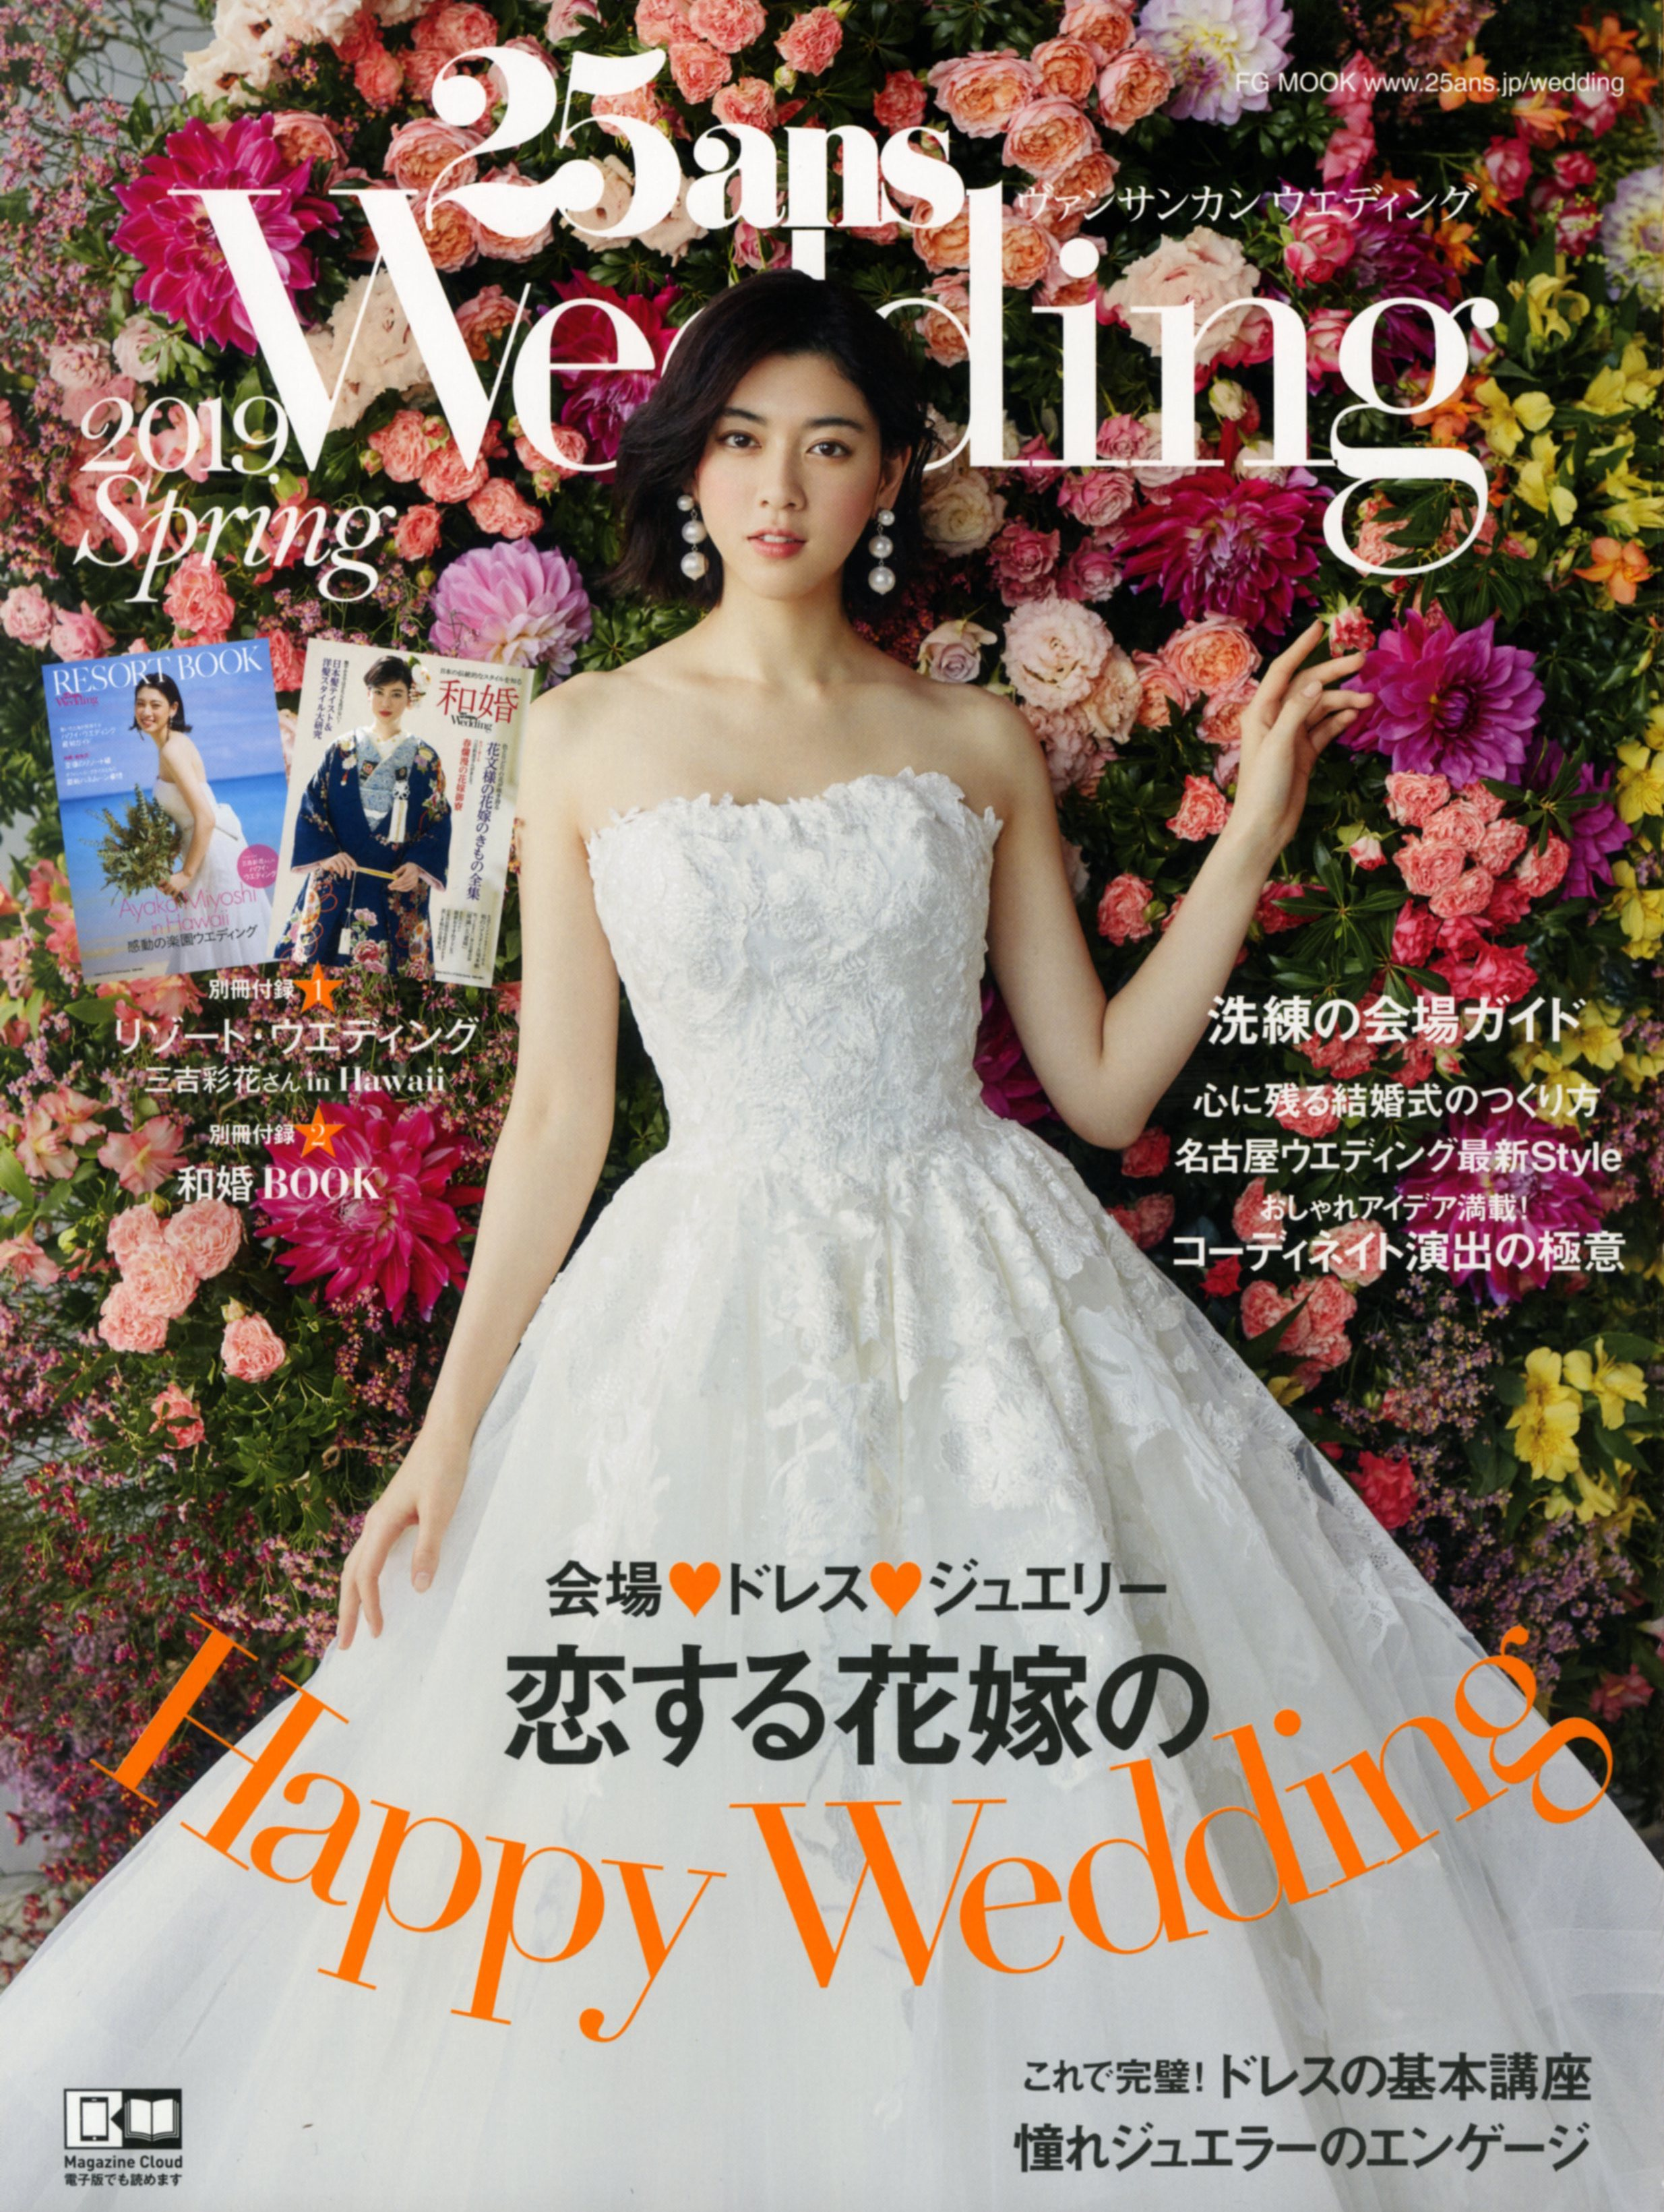 ●3月7日発売_25ans Wedding 2019 Spring 表紙